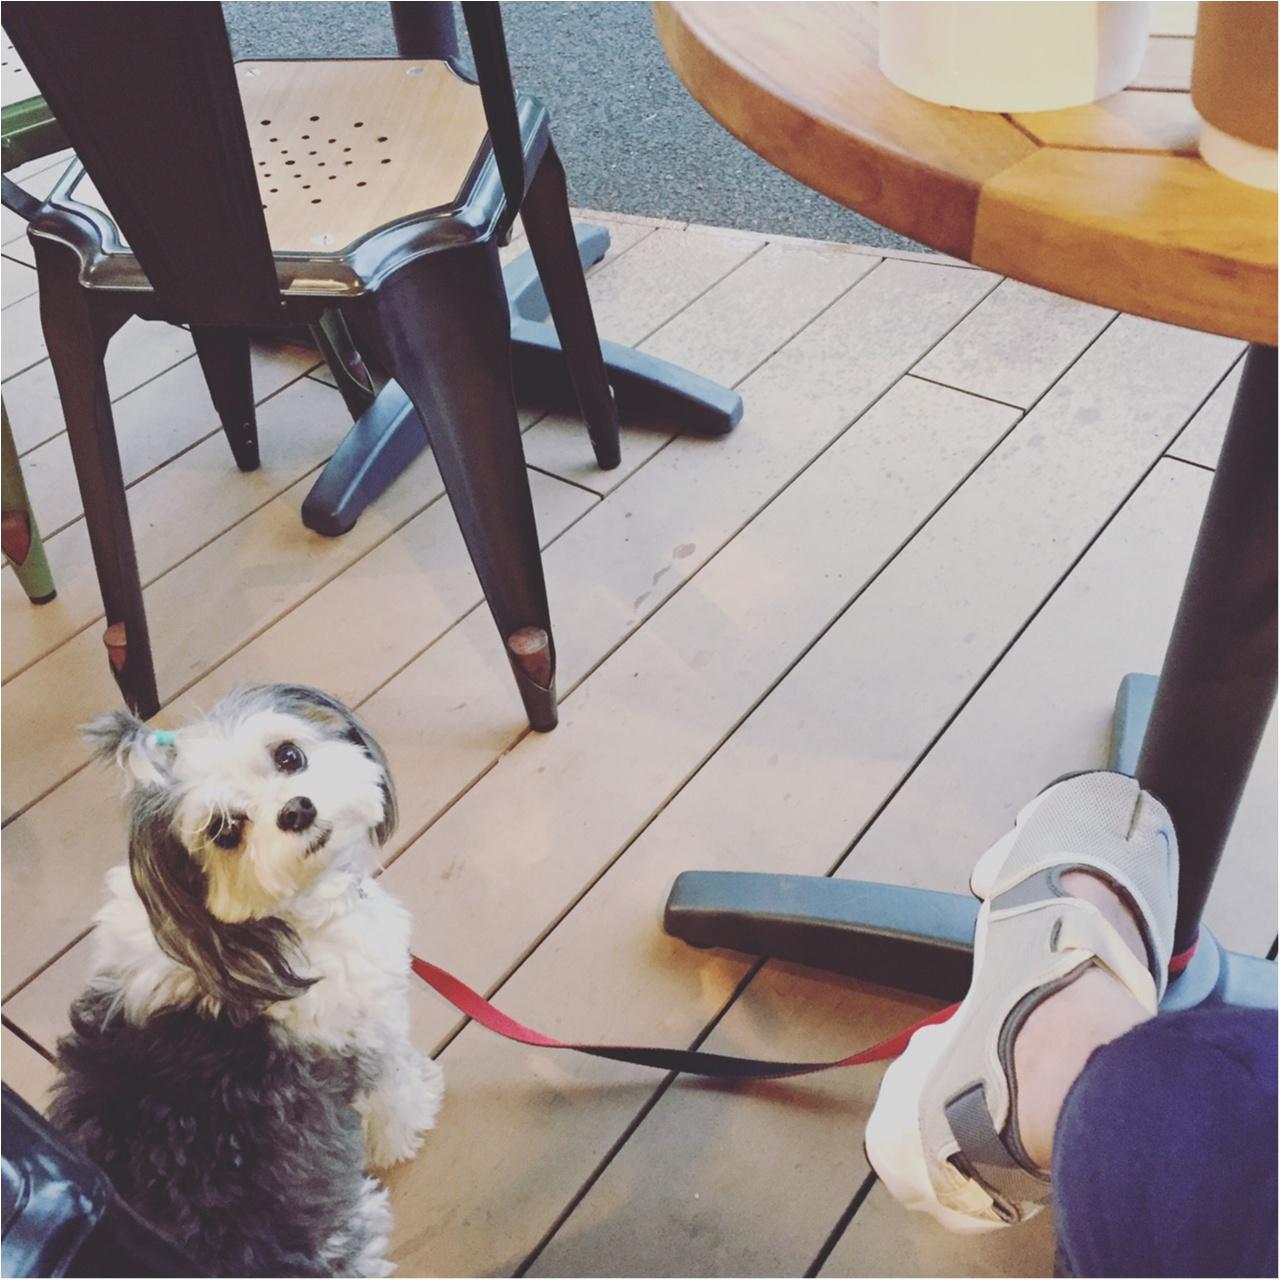 【今日のわんこ】ママと一緒に♡ 太郎くんはオープンカフェでリラックスタイム中_1